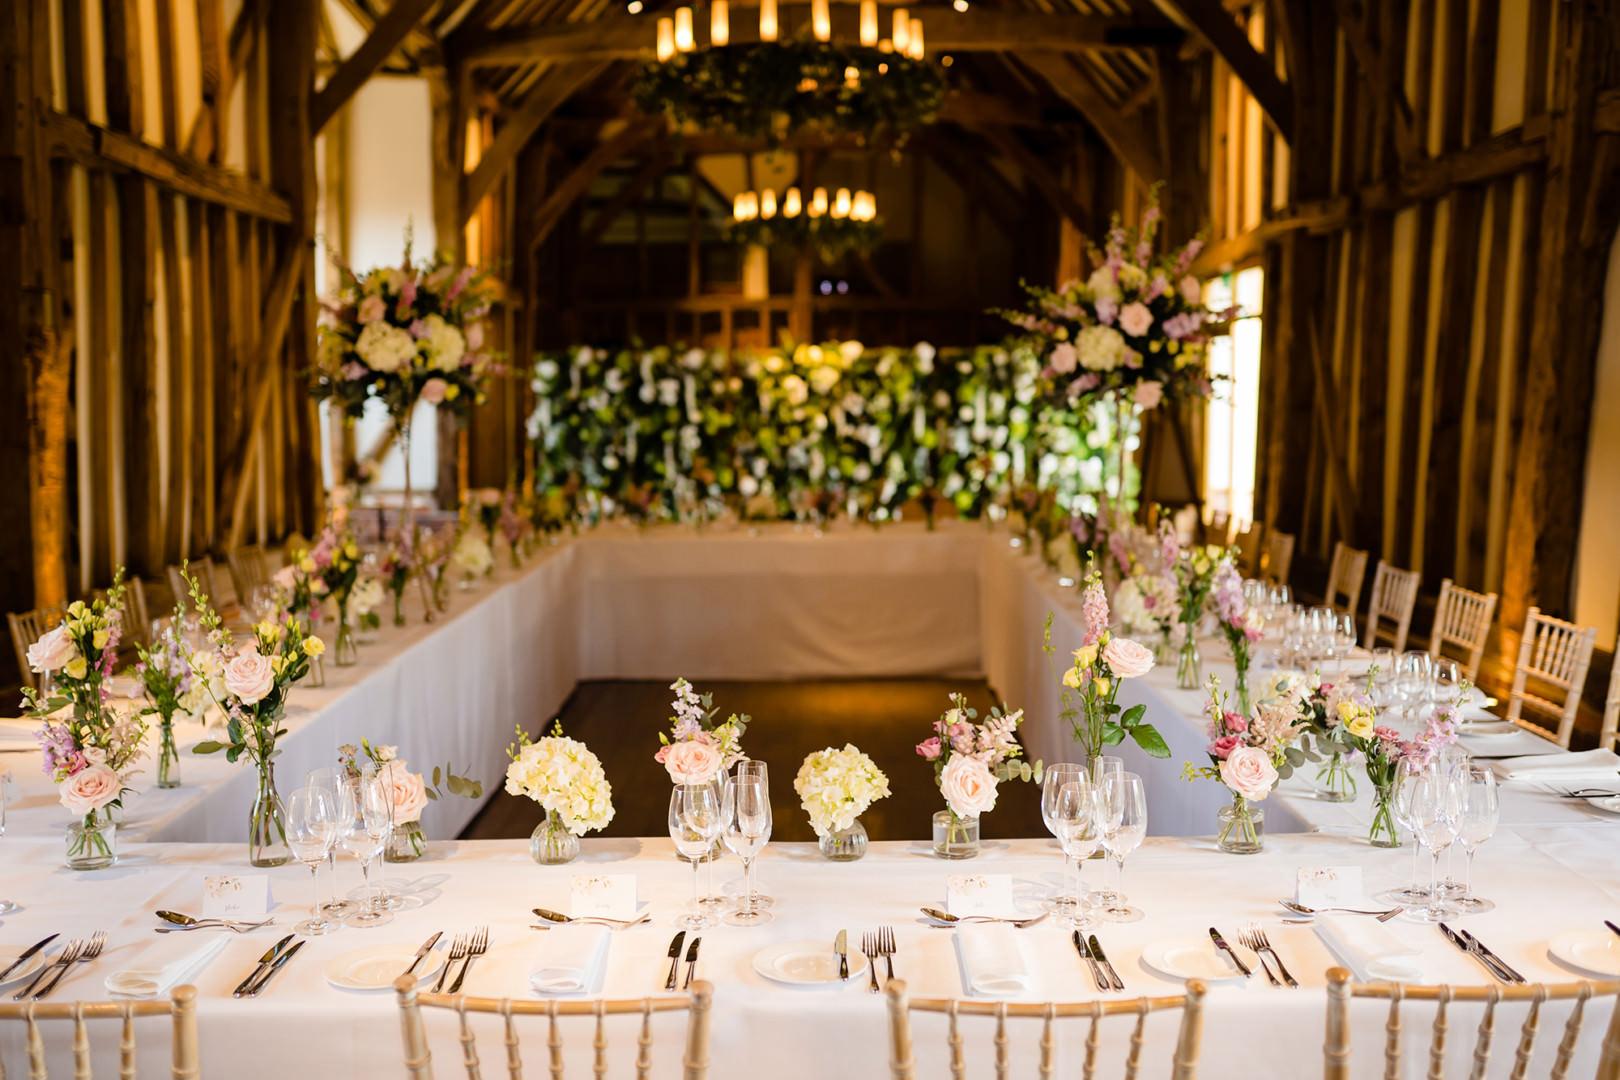 Micklefield Hall wedding venue in Hertfordshire